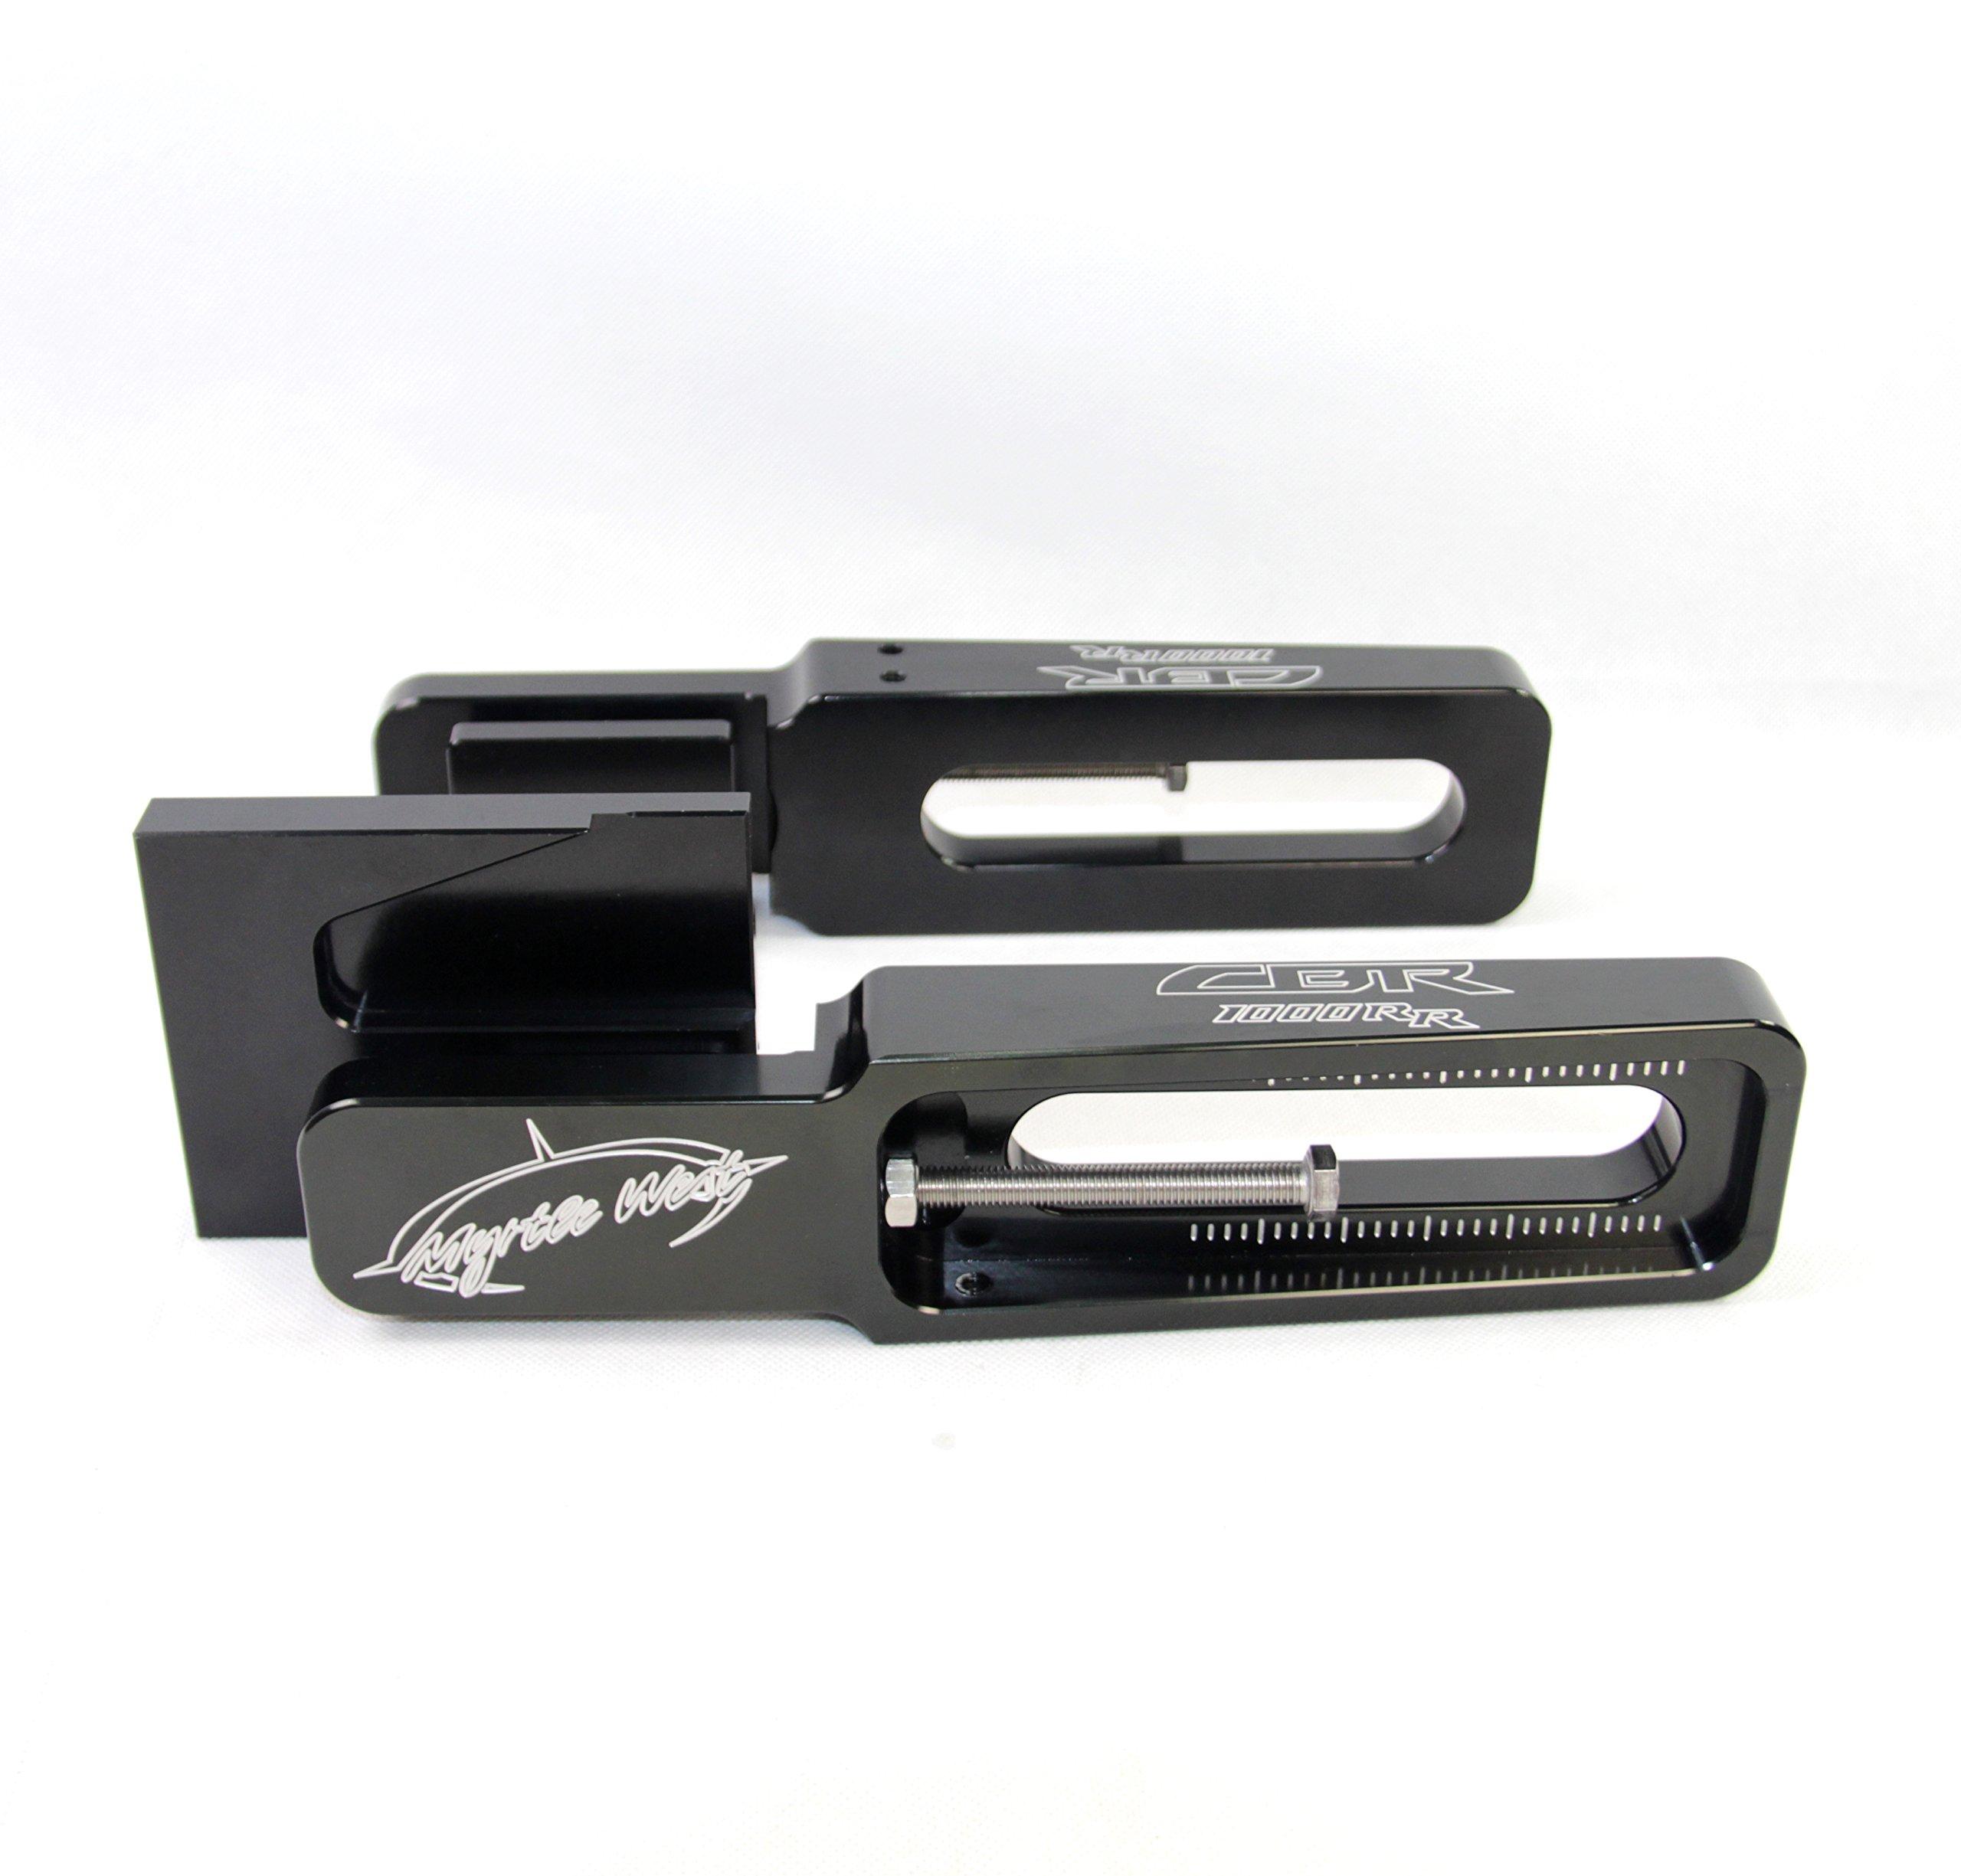 Arashi Swingarm Extended Kit Swing Arm Extension for Honda CBR1000RR